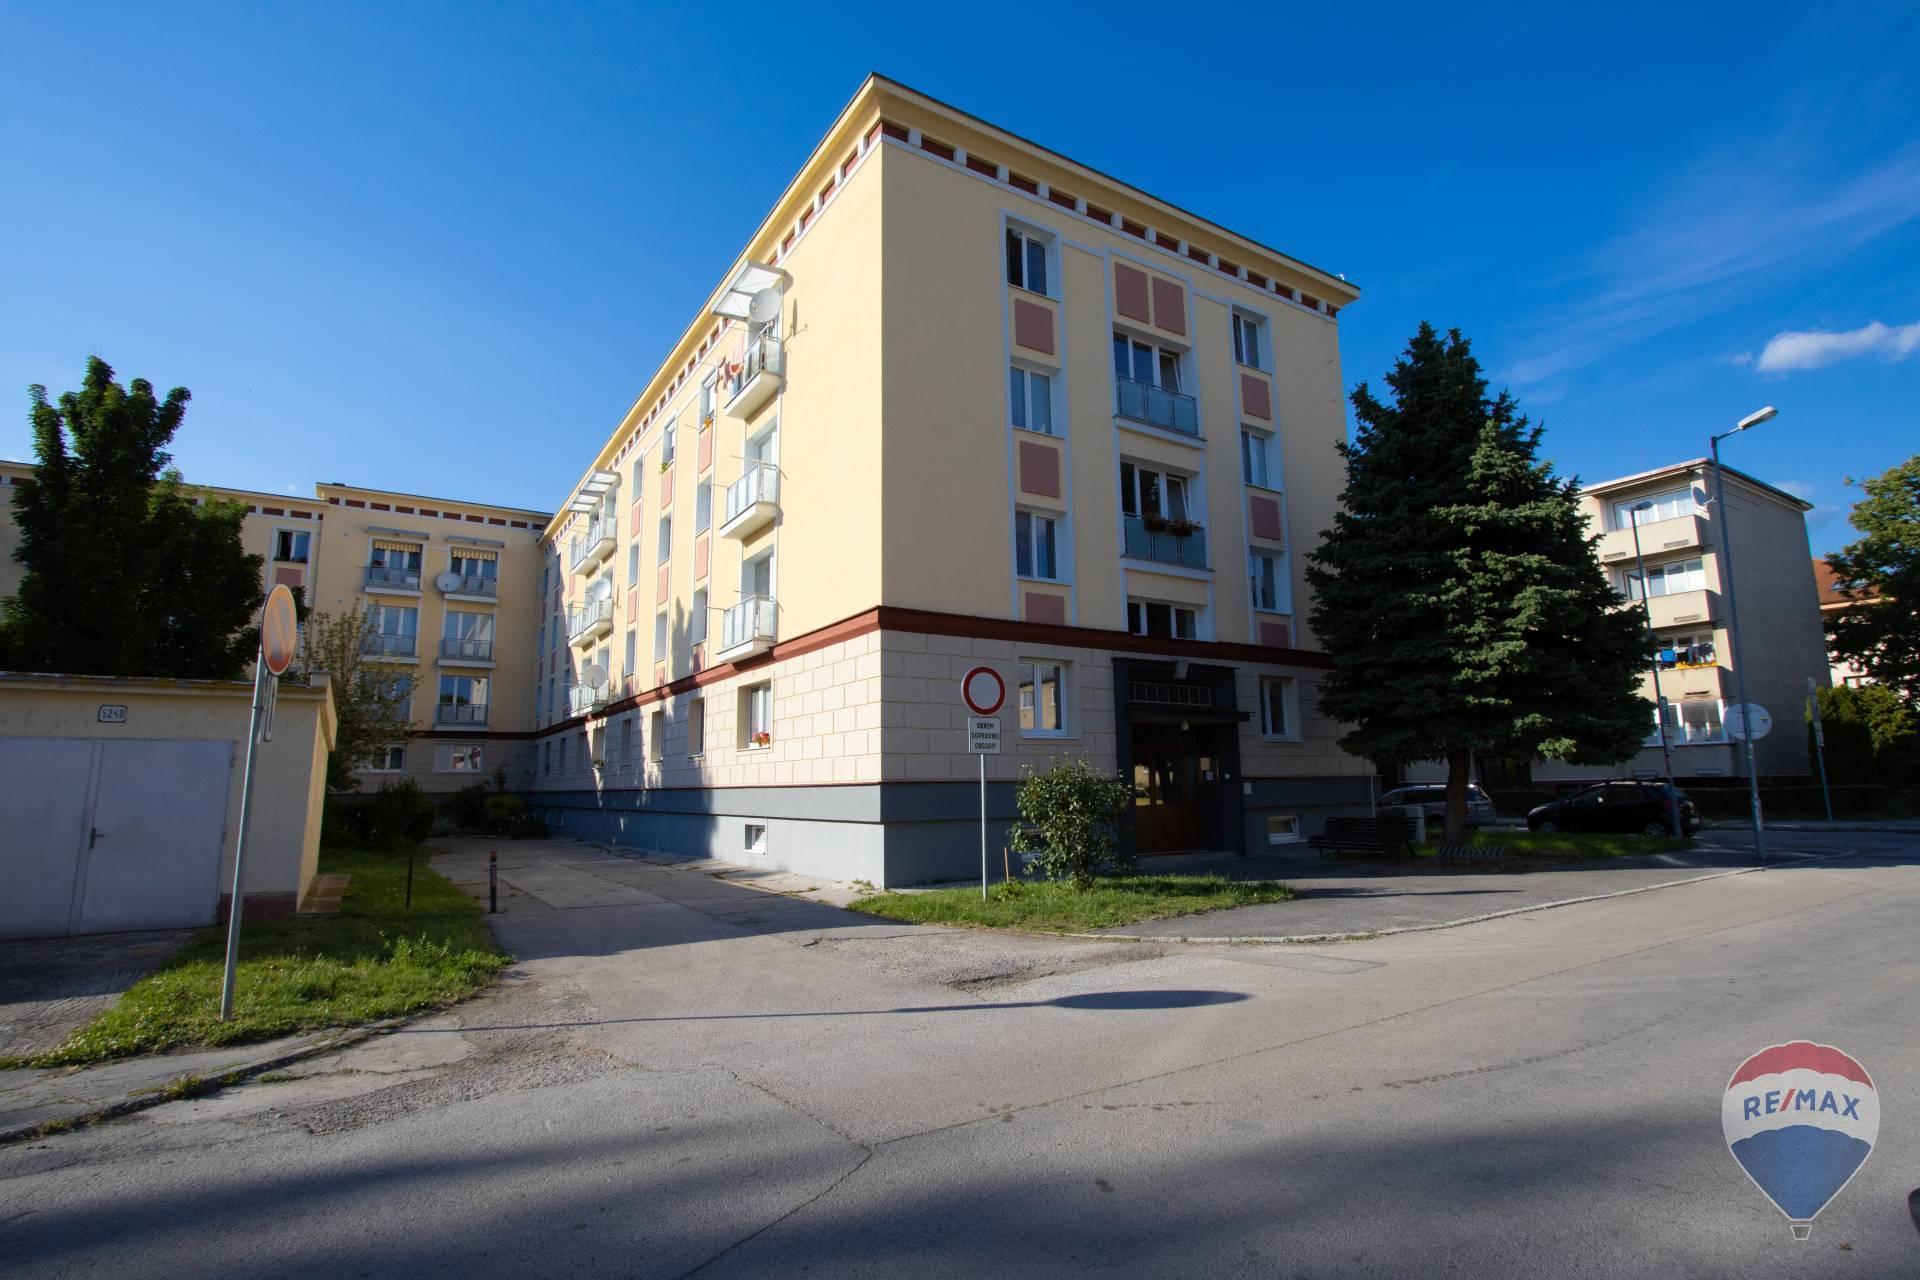 Na prenájom 1izbový byt, ul. Hurbanová, Trenčín